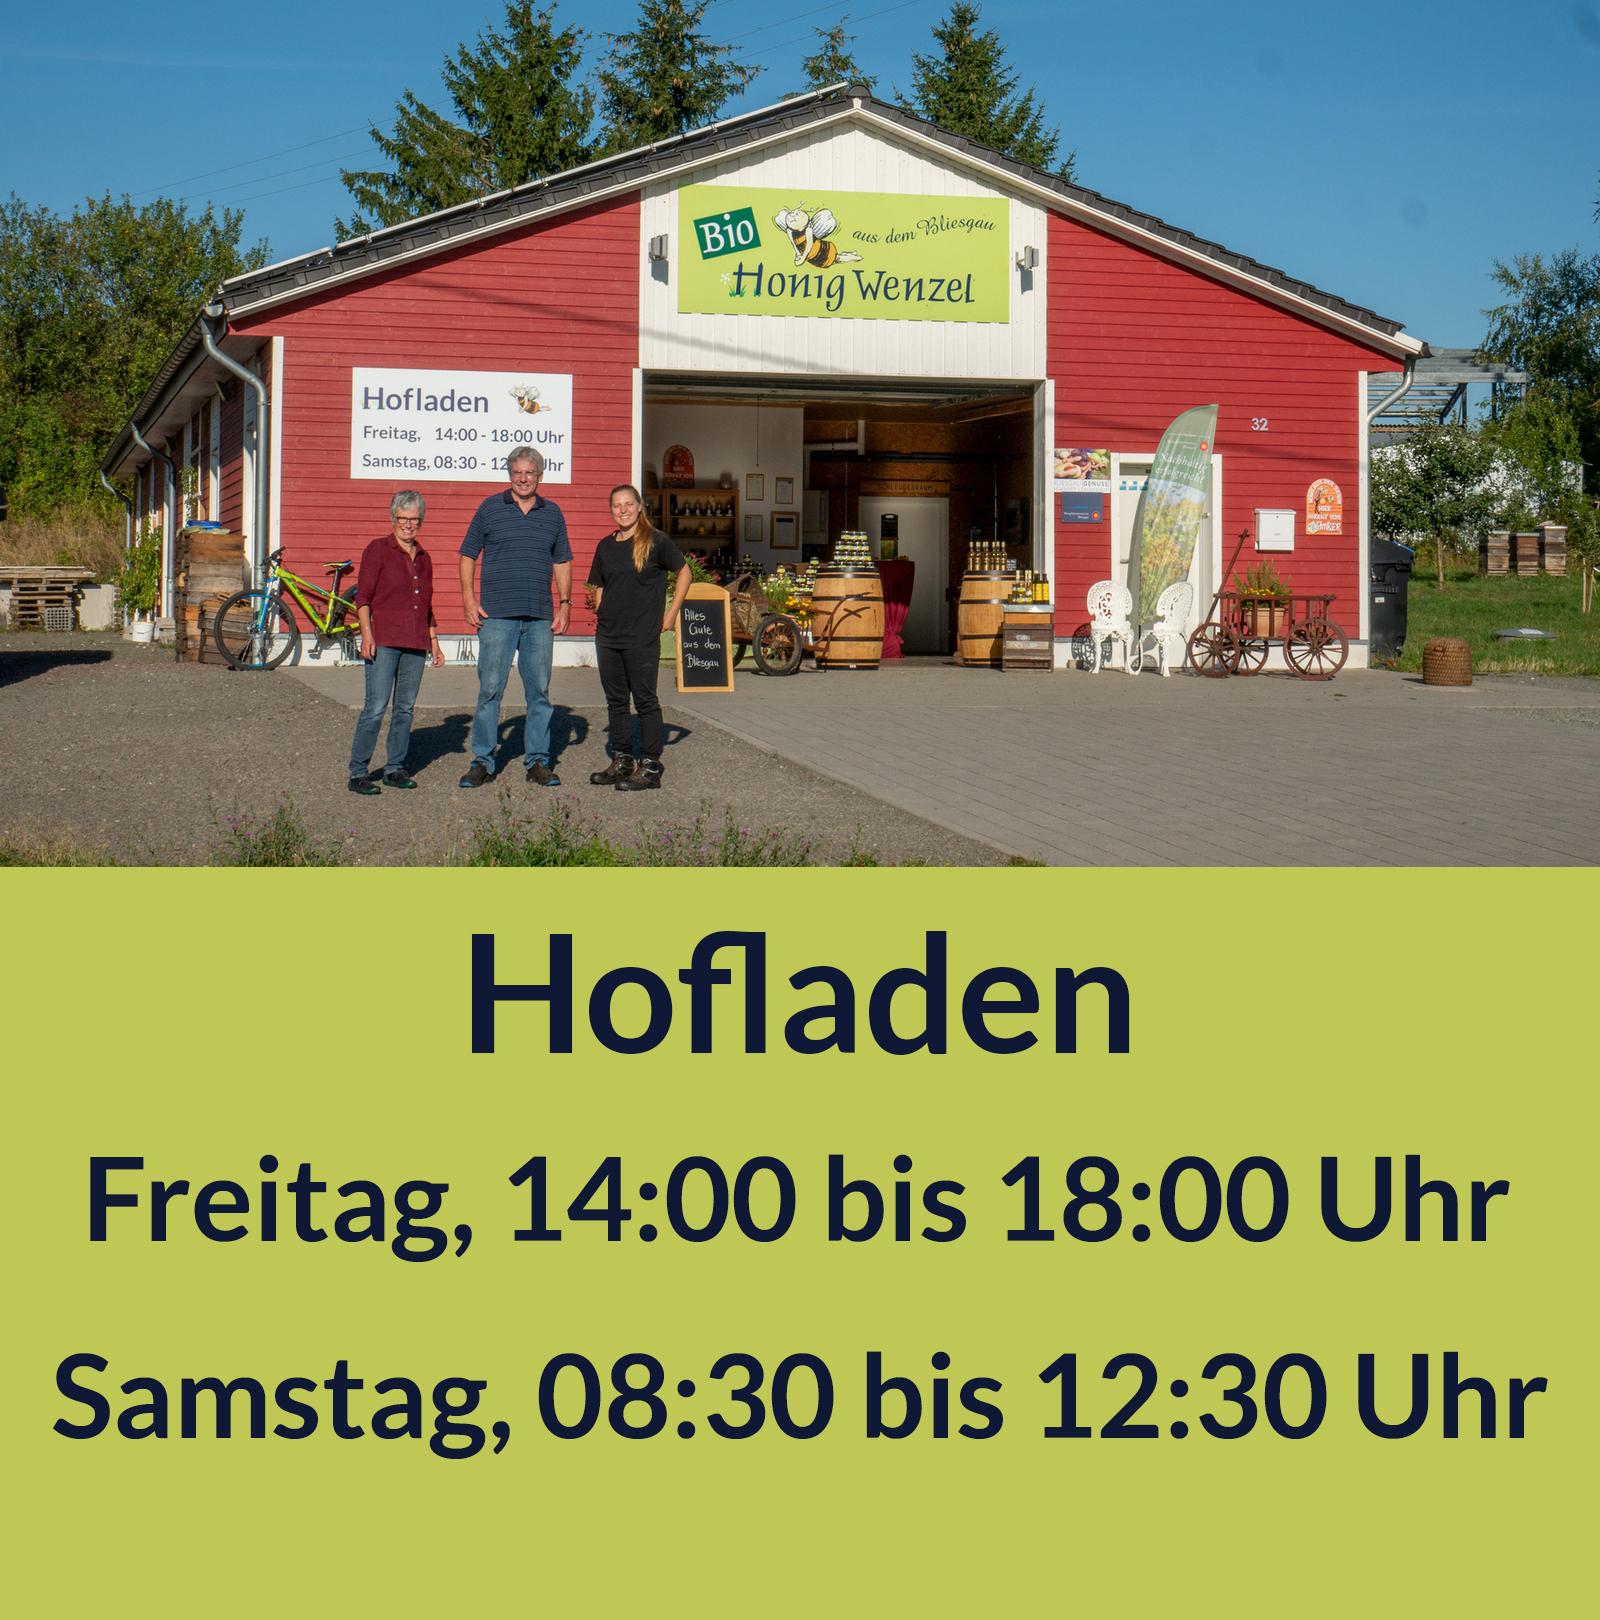 Öffnungszeiten Hofladen